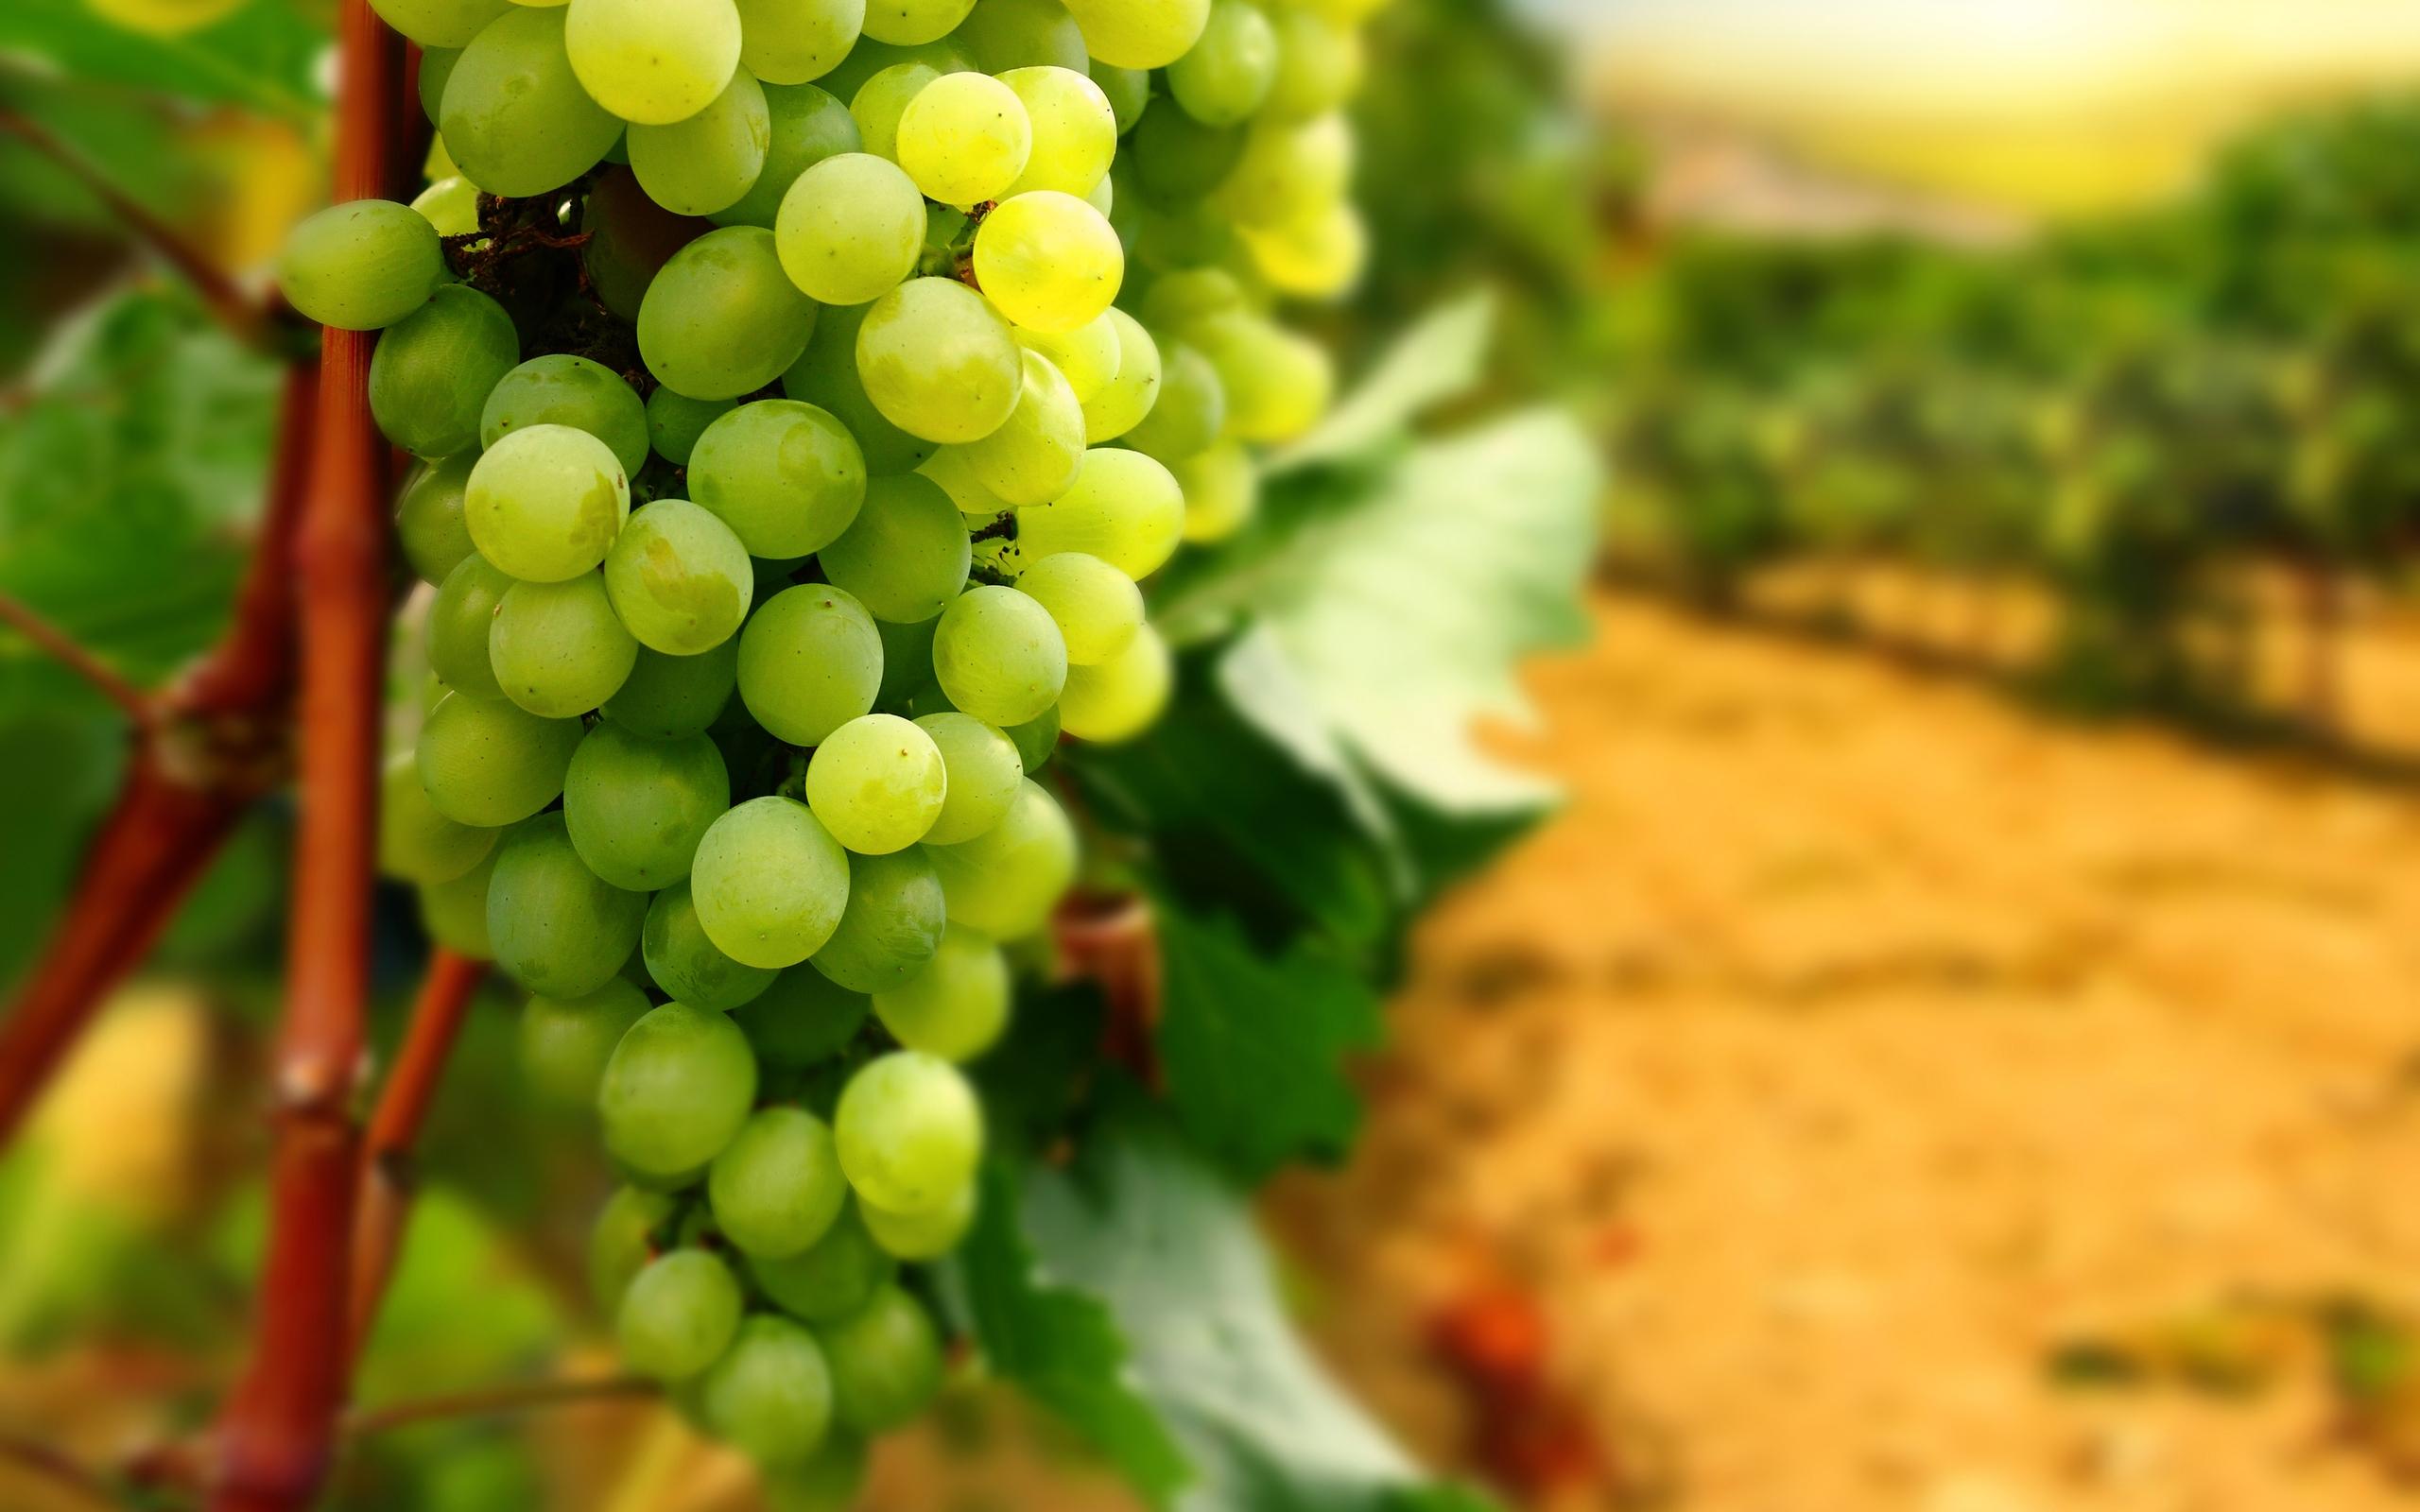 green grapes hd wallpaper